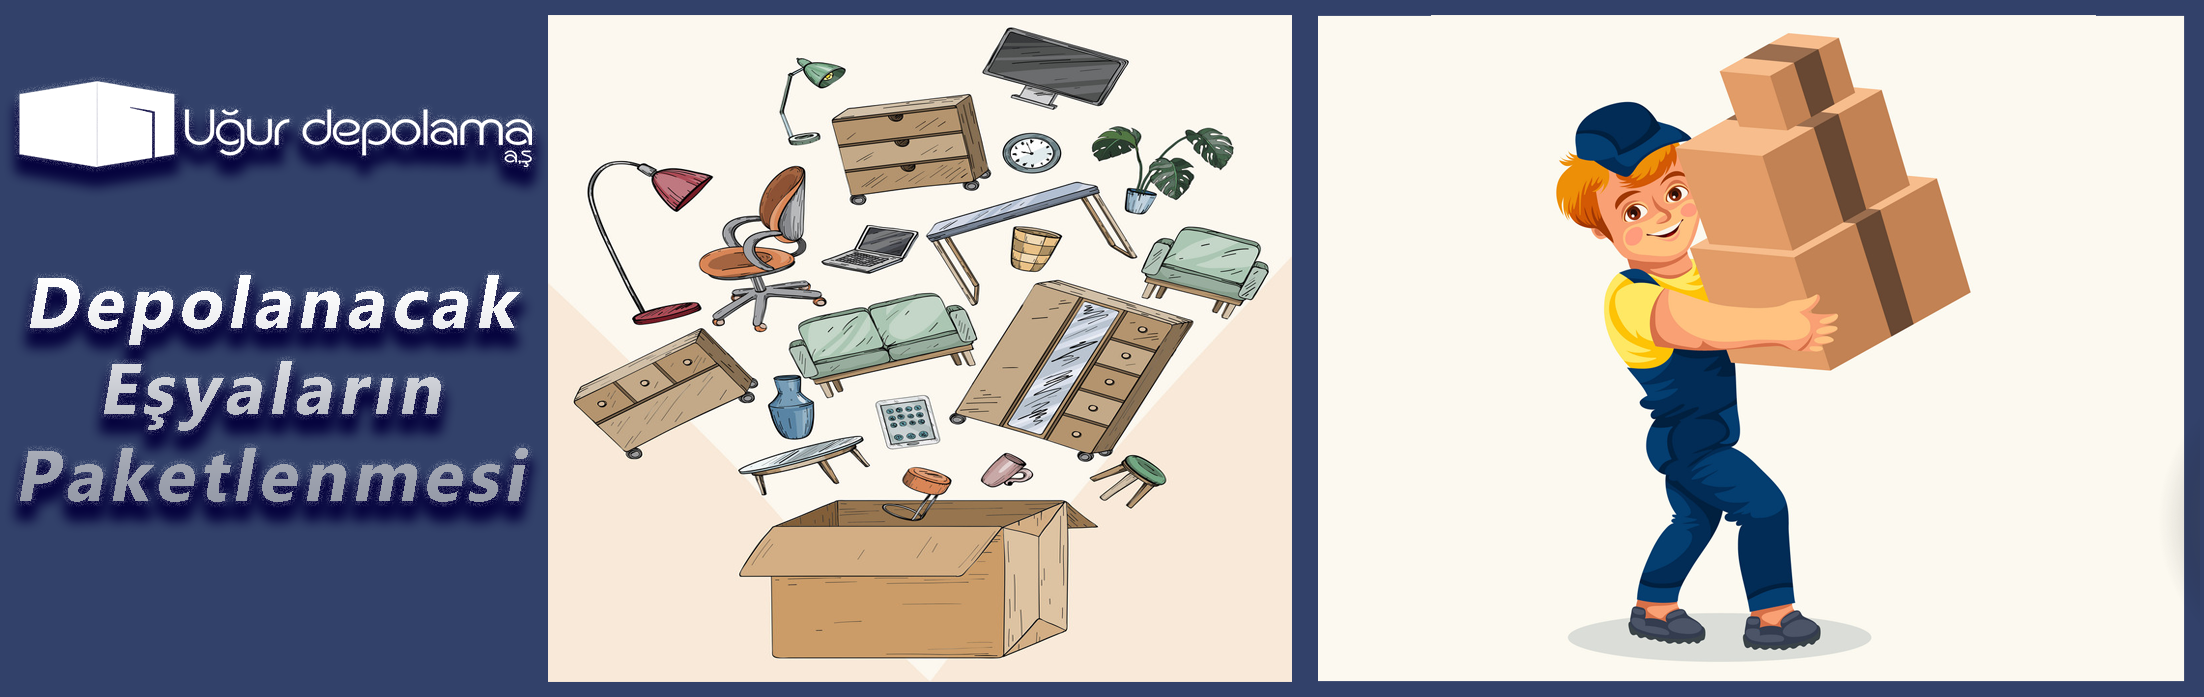 Depolanacak Eşyaların Paketlenmesi